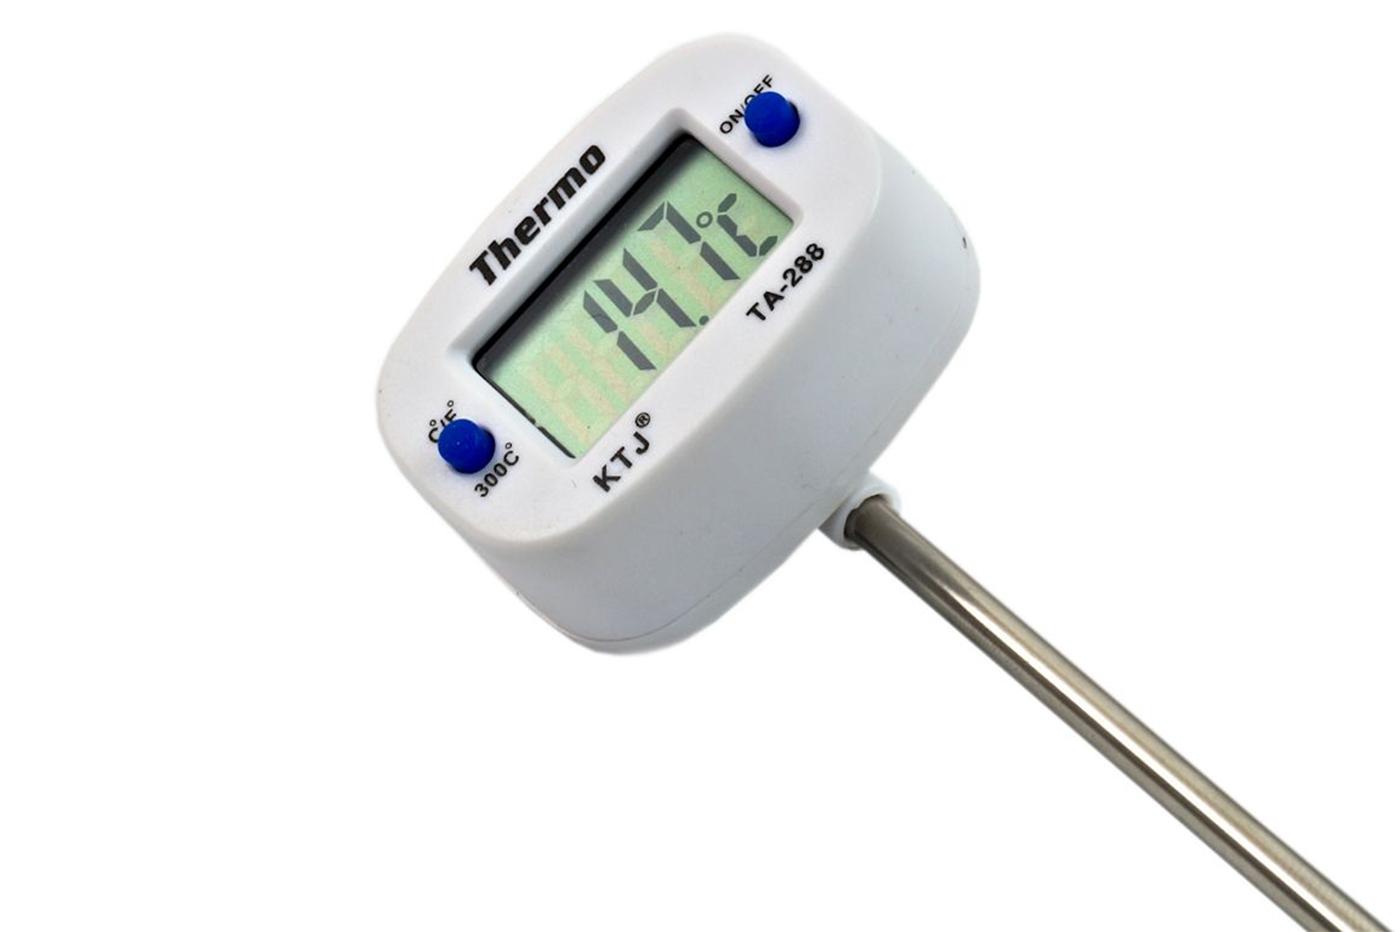 Termometro per cucina